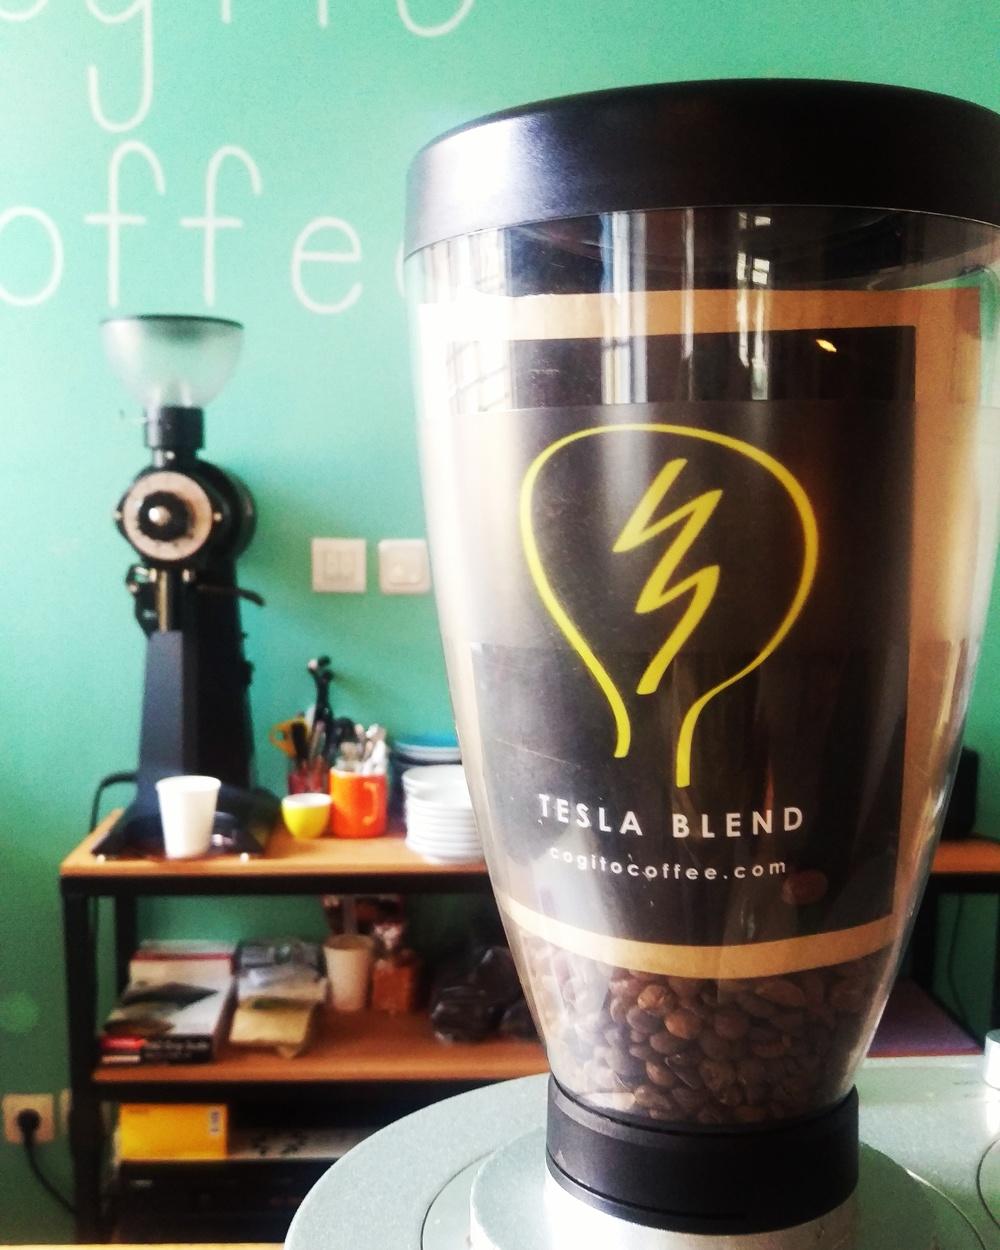 Prvo snimanje odradili smo u Zagrebu u Cogito Coffee gdje snimismo Matiju Hrkaća kako Živi Kavu / Jedan od najboljih Cogito Coffee blendova - Tesla Blend